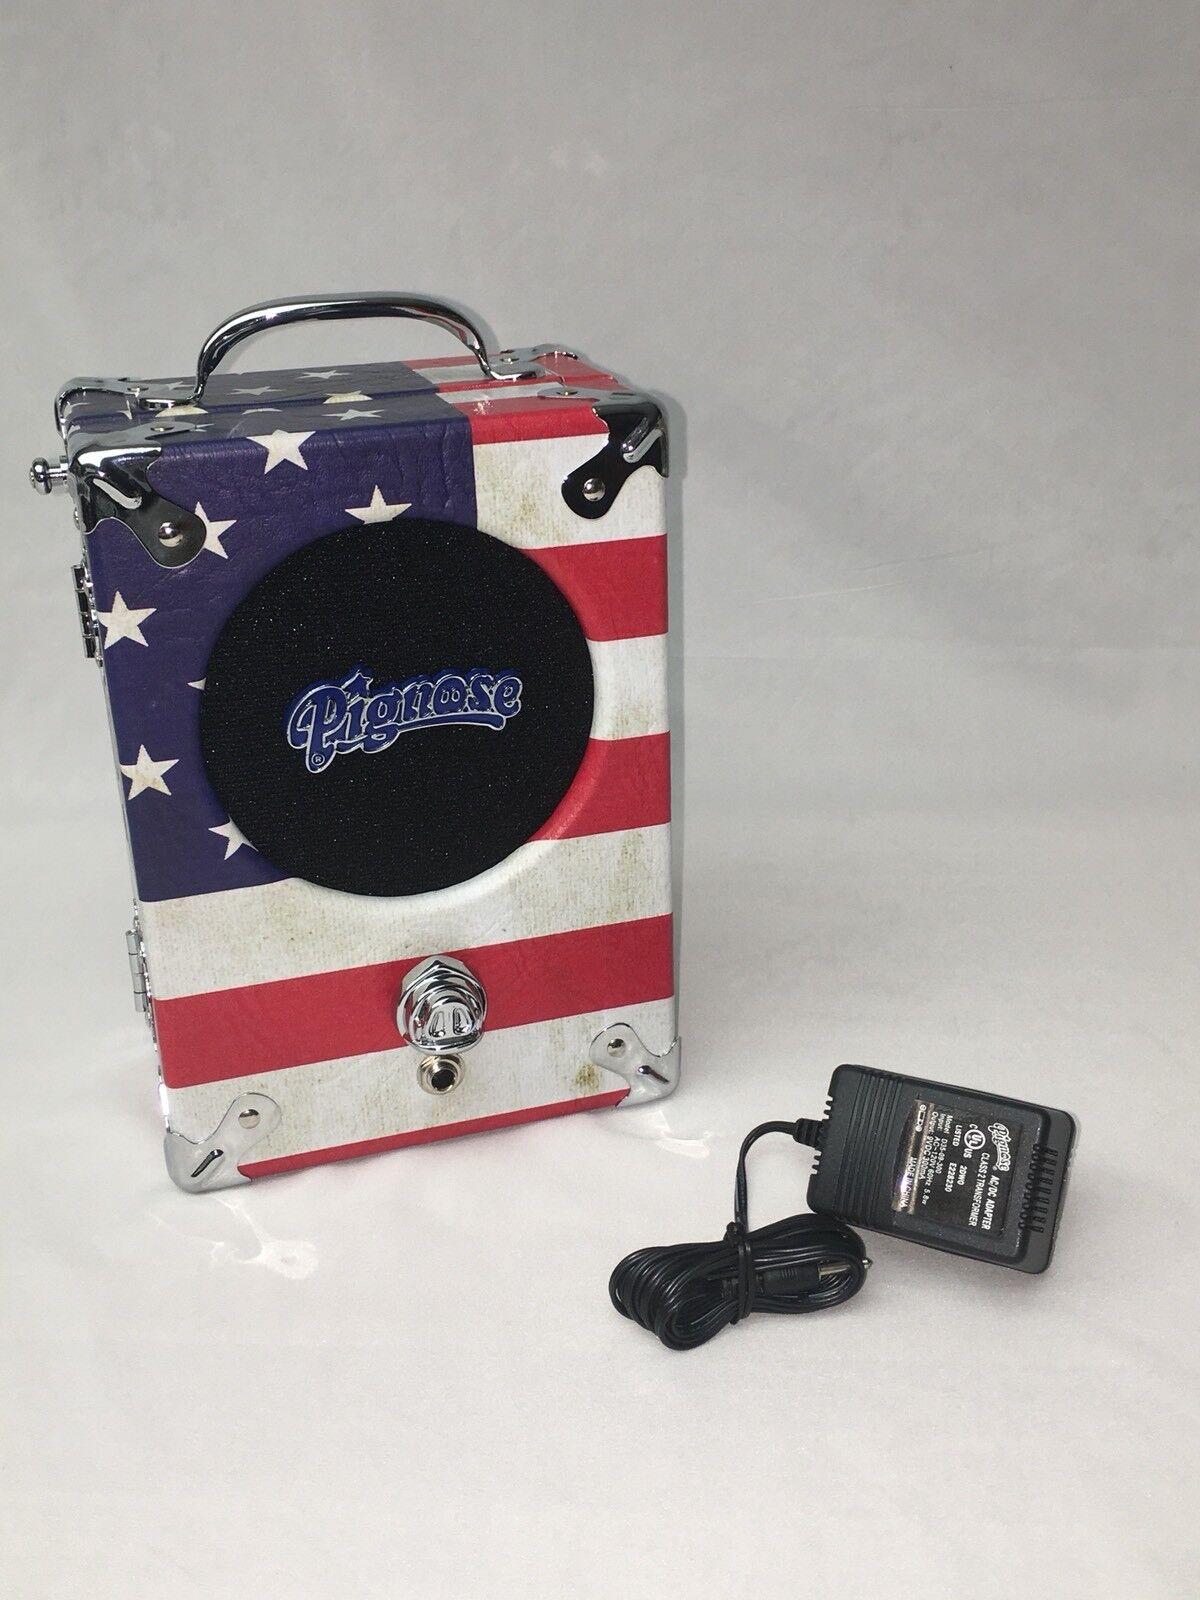 Pignose Old Glory Glory Glory 1776 Amplificador De Guitarra Alimentado por Batería con Adaptador 110 V o 220  precio mas barato